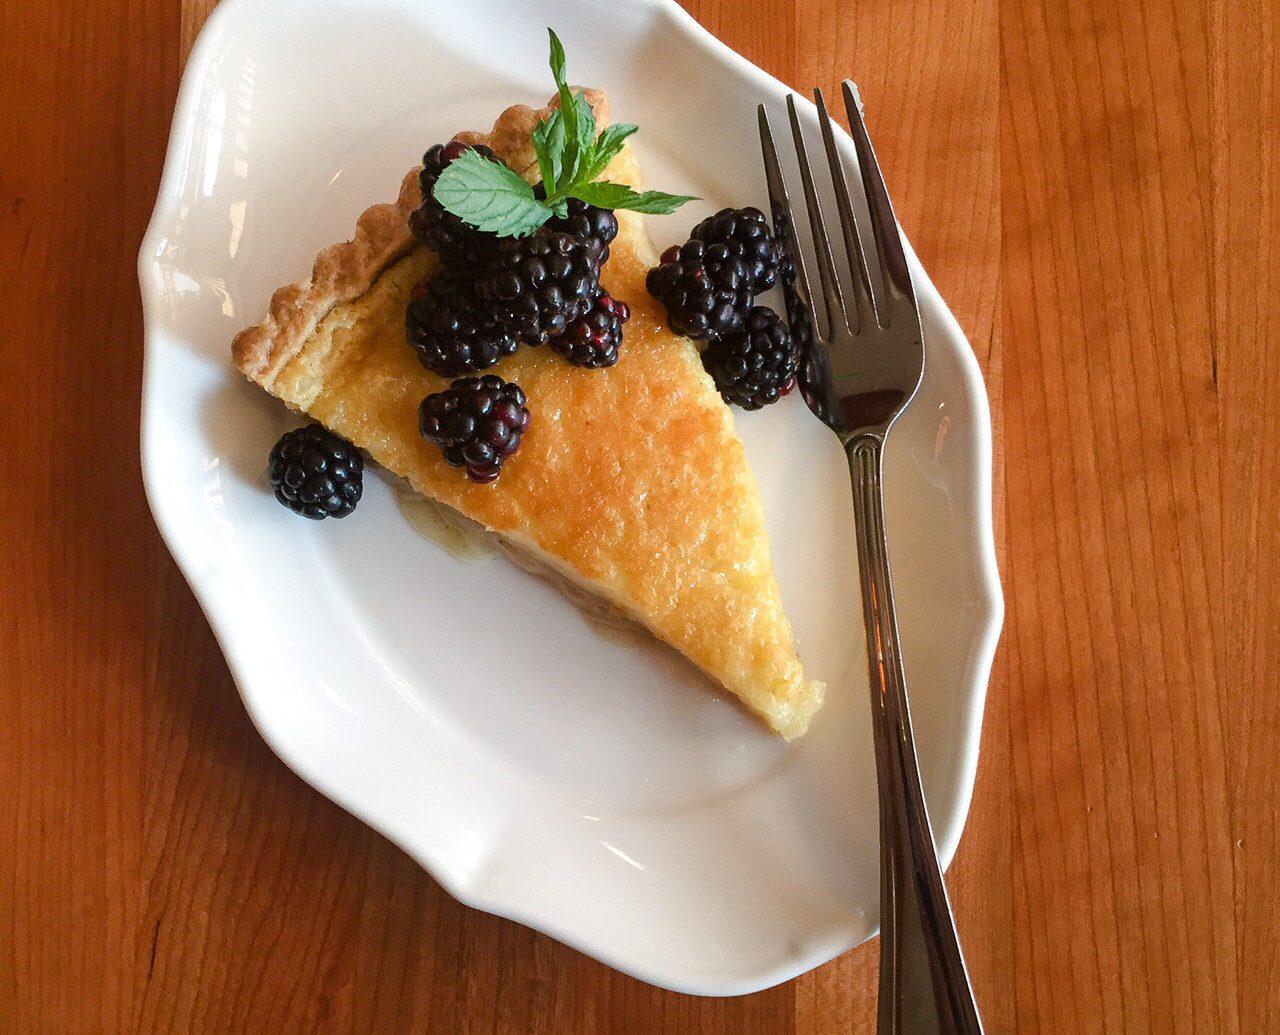 Food + Drink table food plate dessert dish treacle tart breakfast slice